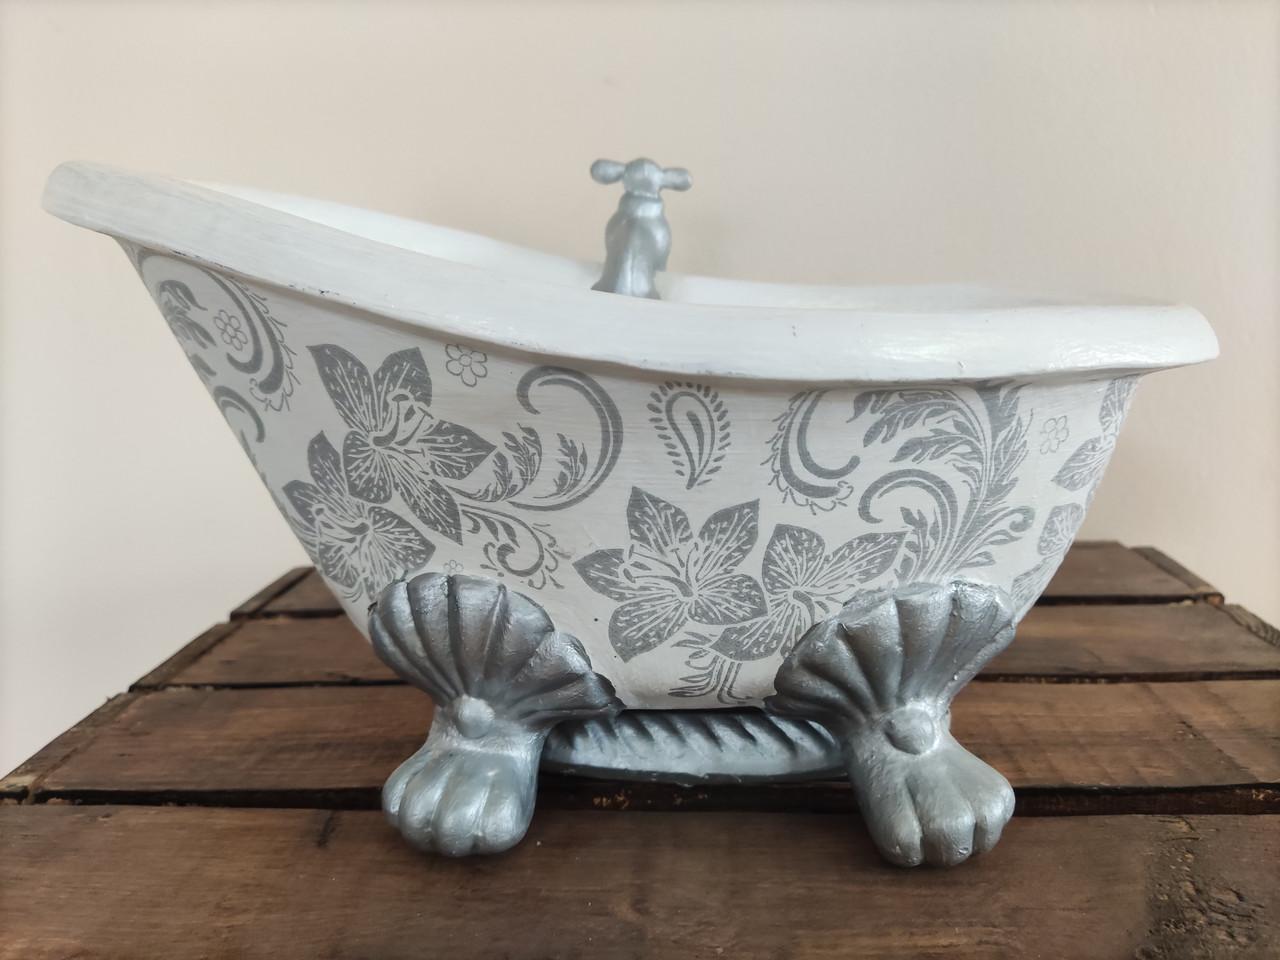 Ванна Вазон для цветов Кашпо, акрил, глина, рисунок - ручная робота